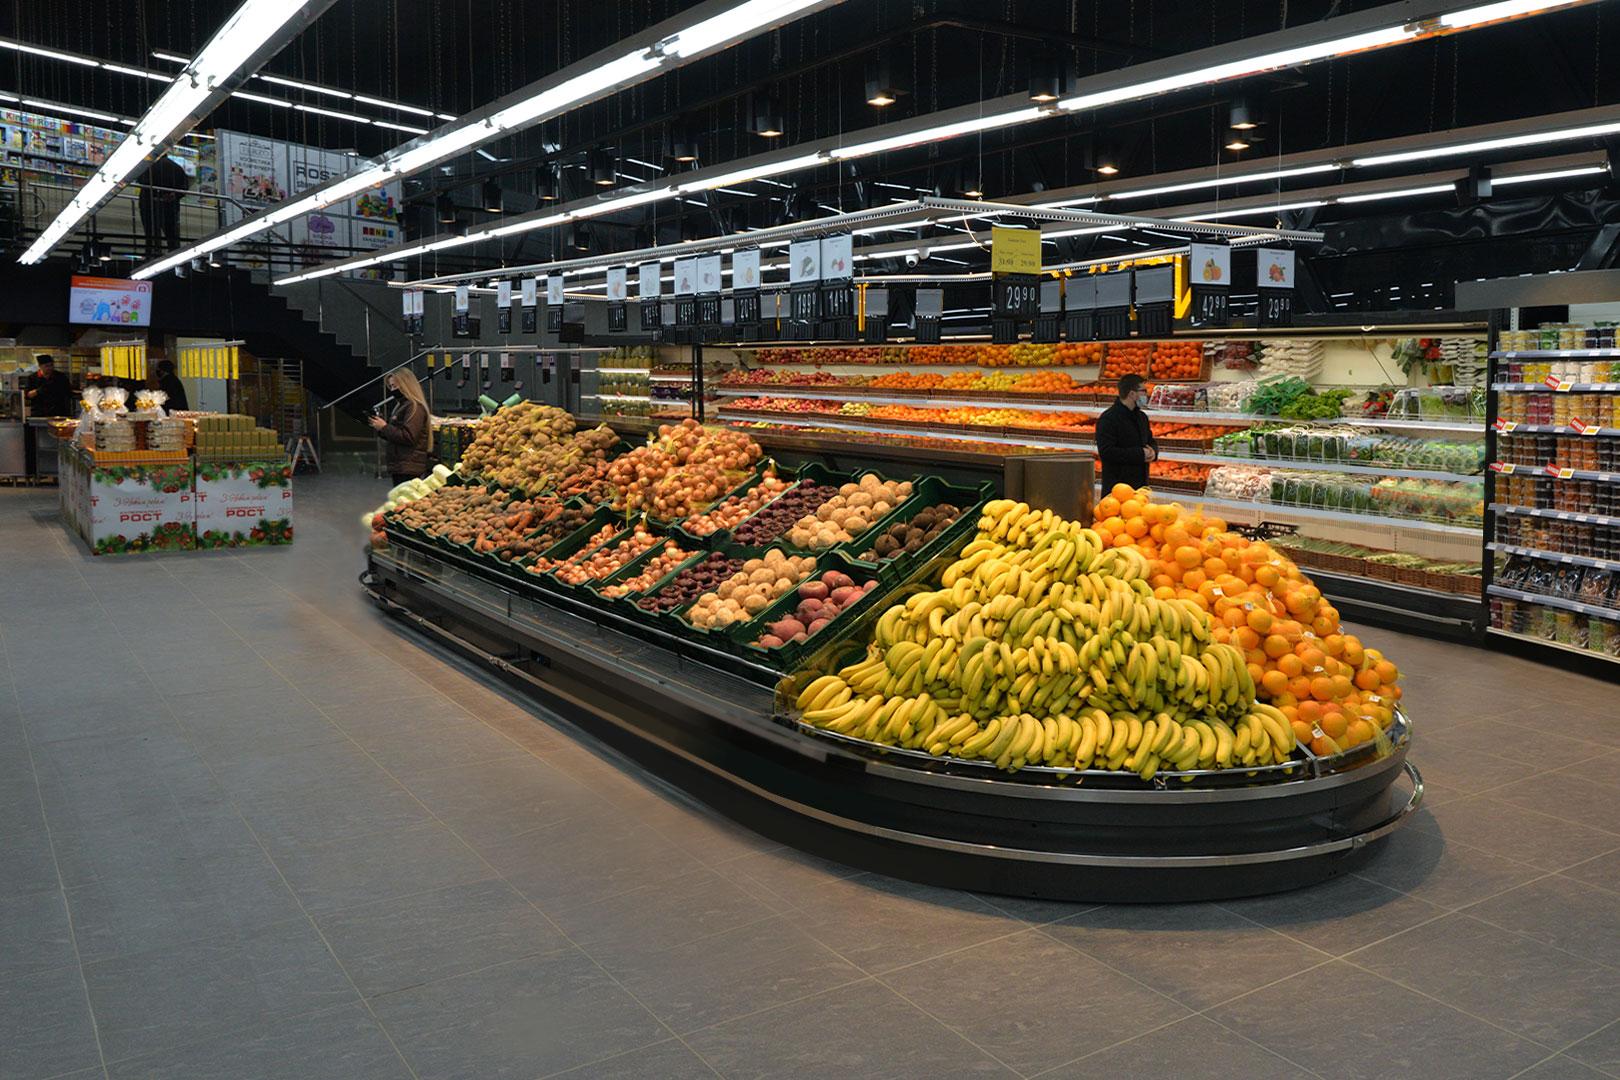 """Спеціалізовані вітрини для продажу овочів та фруктів Indiana VF MC 130 VF self 140-DLM, Indiana MV 080 FV O 220-DLM в супермаркете """"Рост"""""""